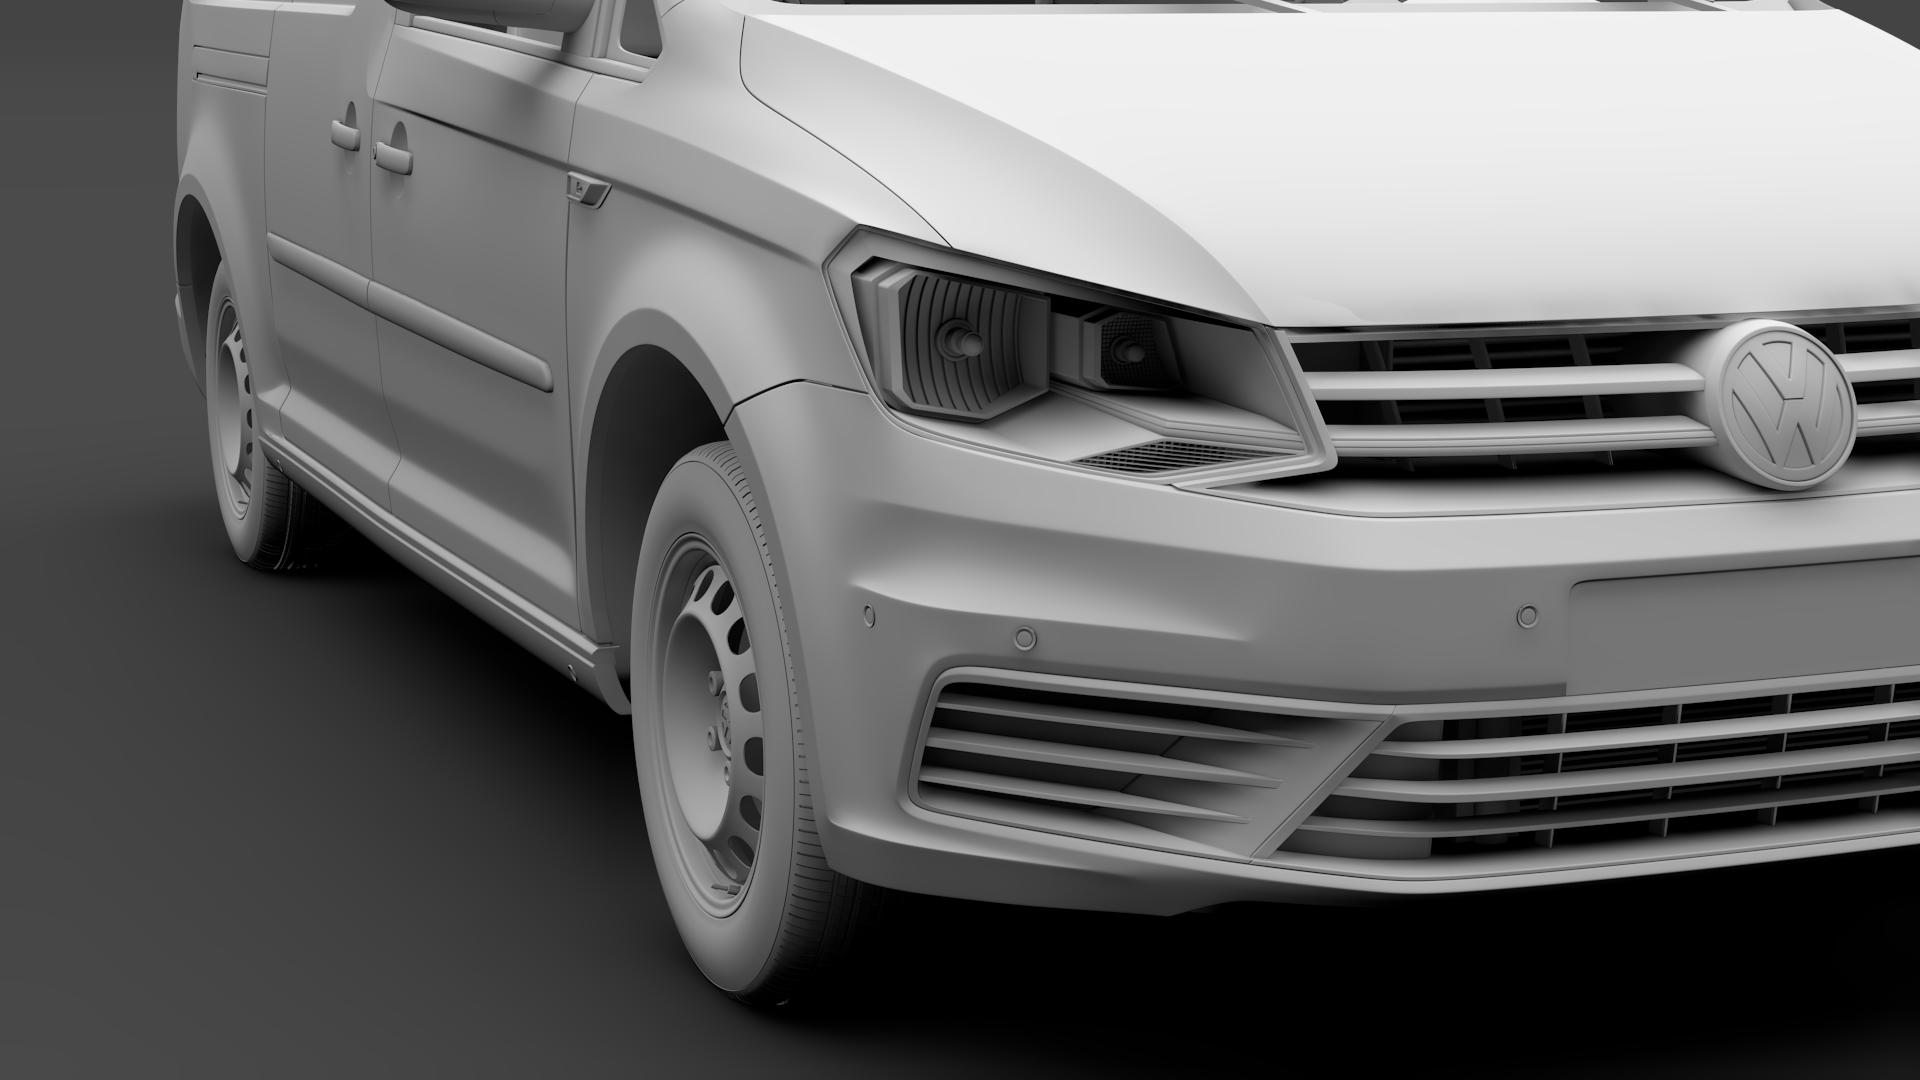 volkswagen caddy panel van l2 2017 3d model max fbx c4d lwo ma mb hrc xsi obj 274611